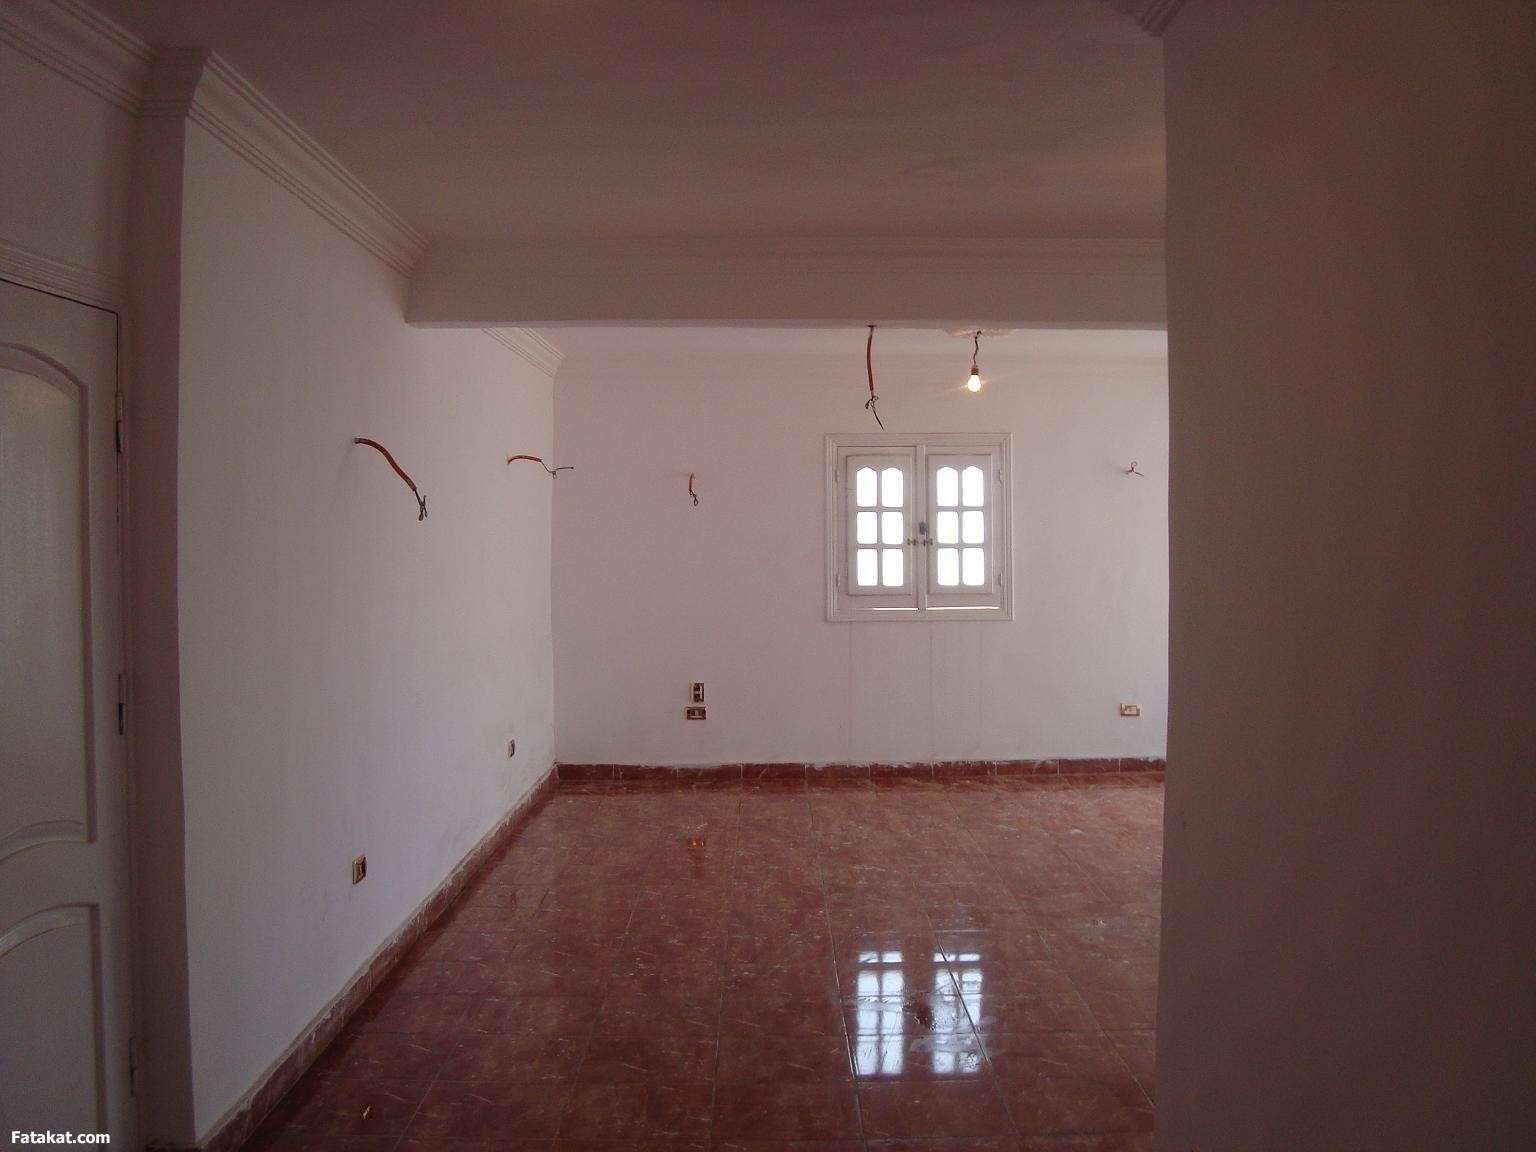 كل صور شقة الطوابق فيصل التحفة 13340194272184